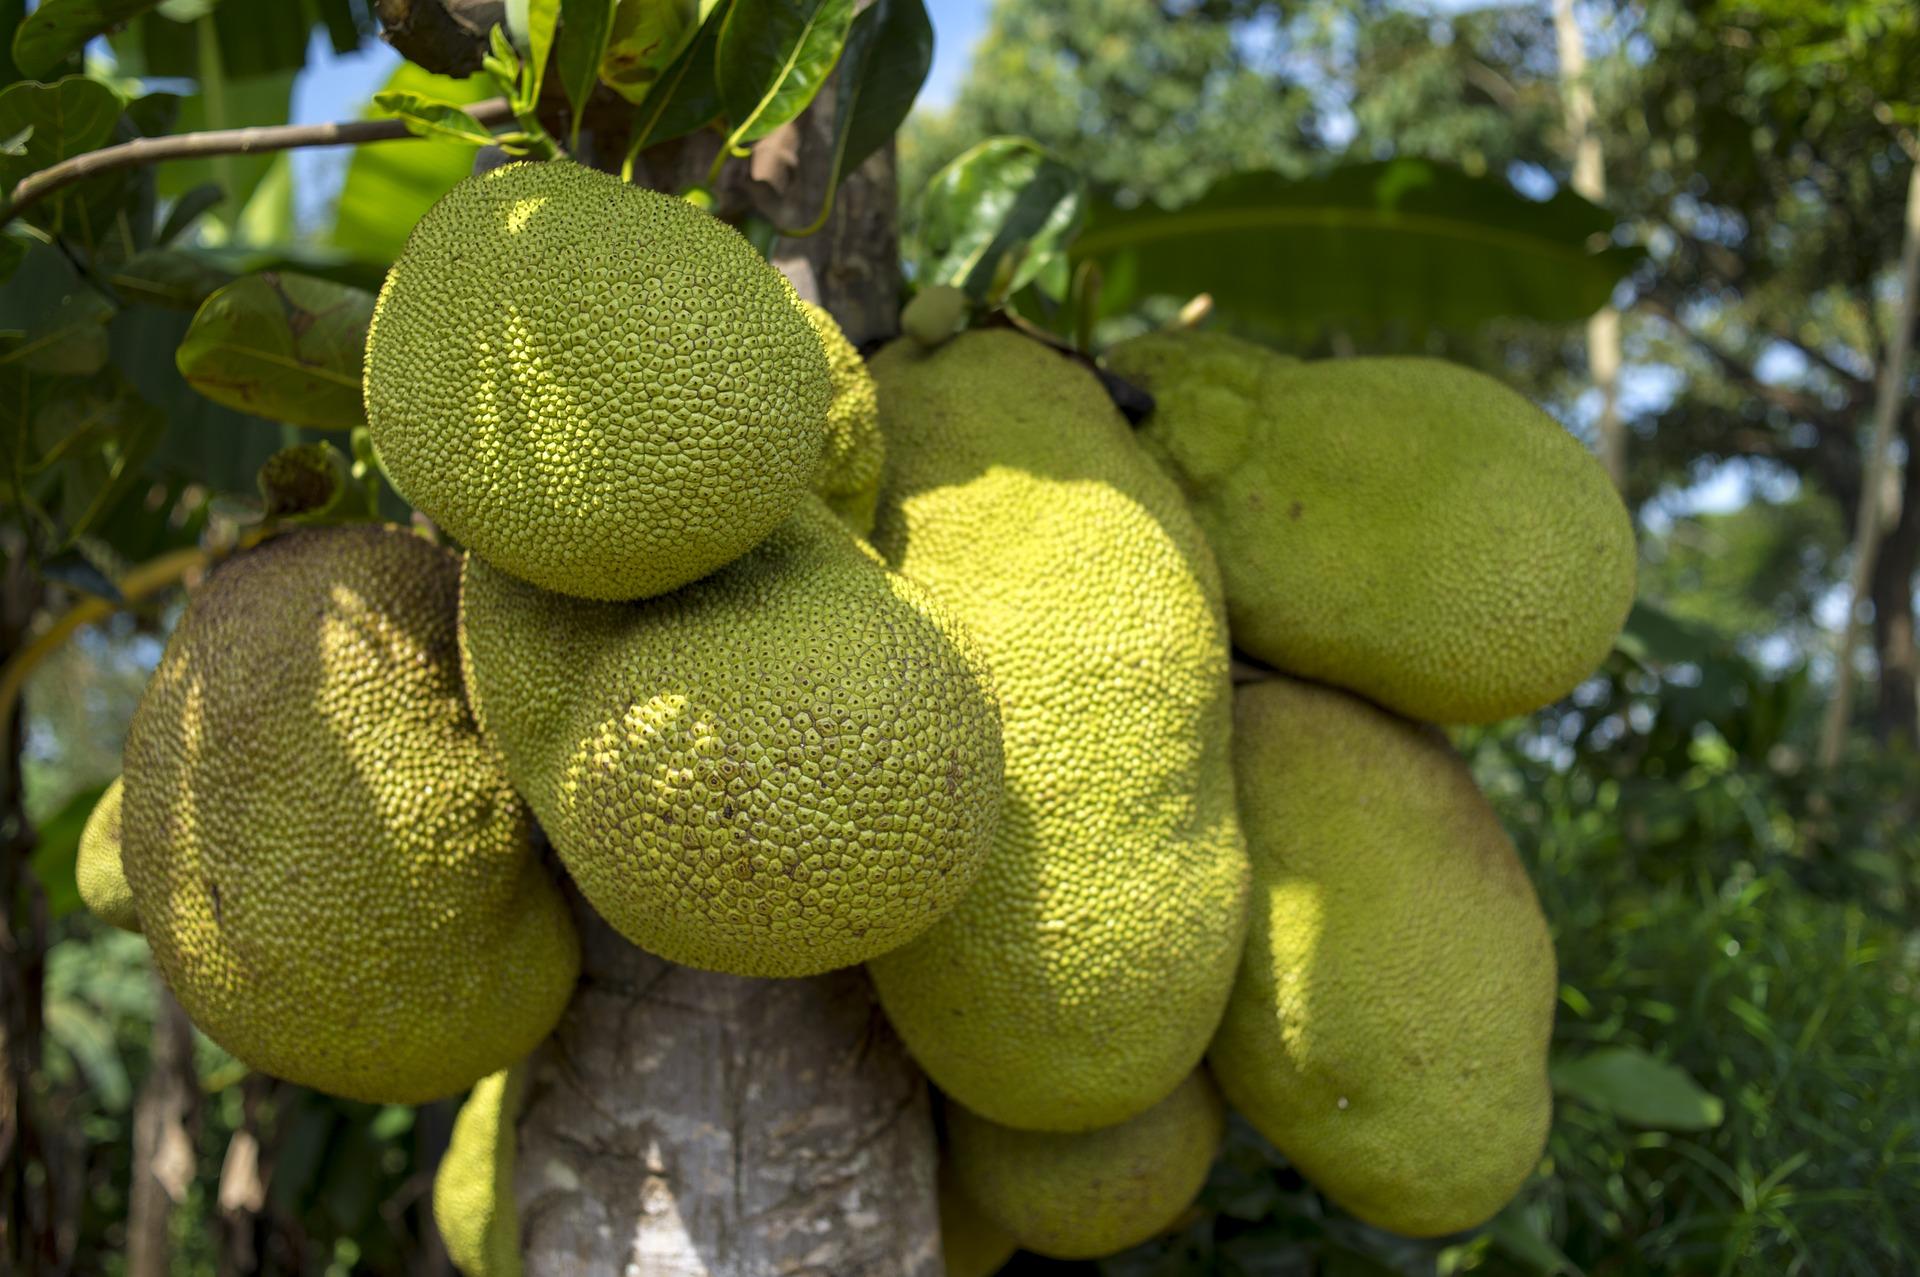 La yaca es una de las frutas exóticas.